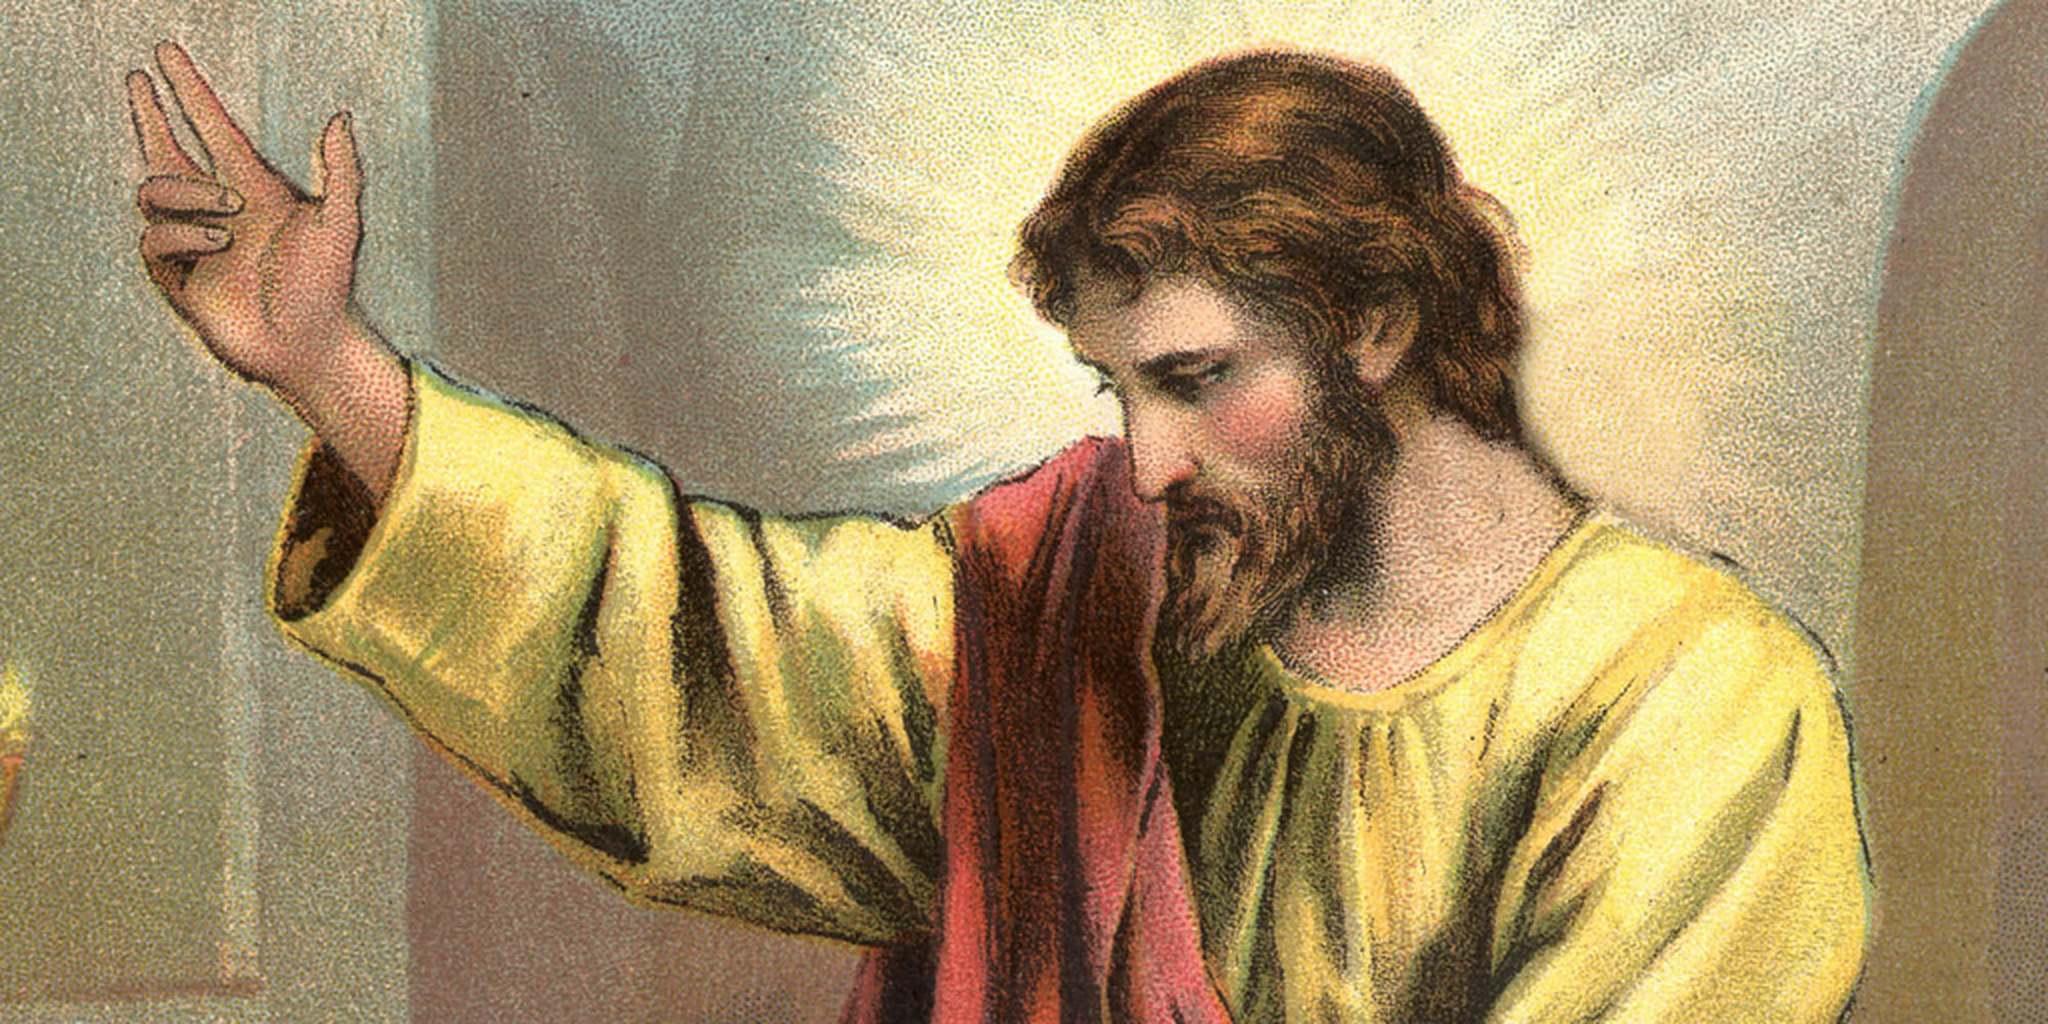 Jesus was gay